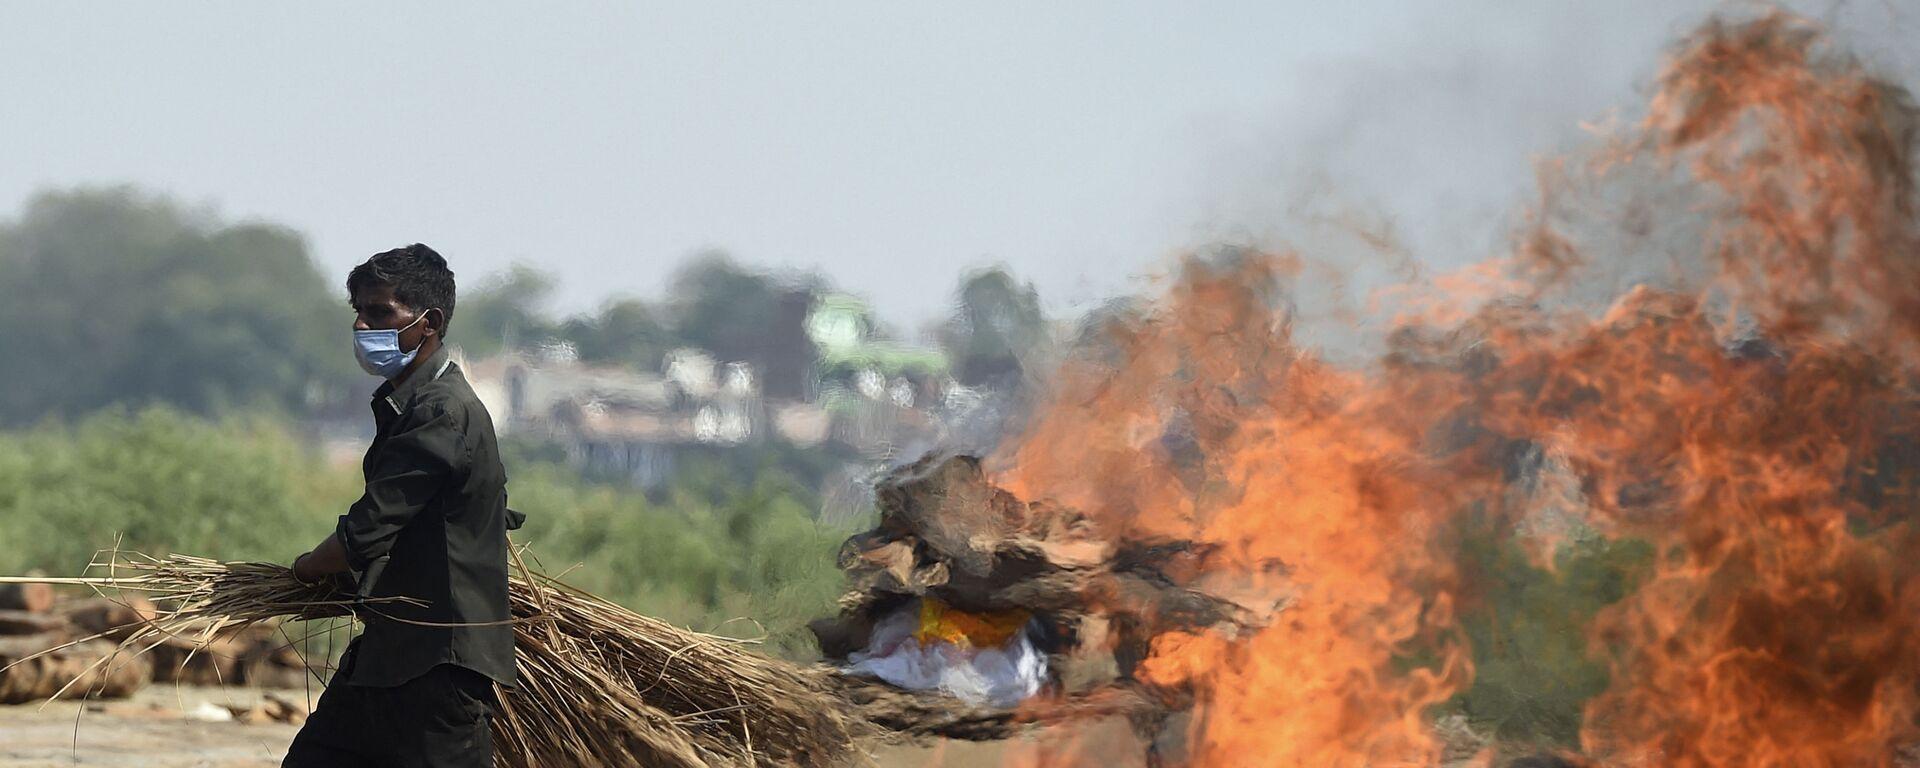 Рабочий проходит мимо горящего погребального костра человека, умершего из-за коронавируса Covid-19, Индия  - Sputnik Italia, 1920, 23.05.2021